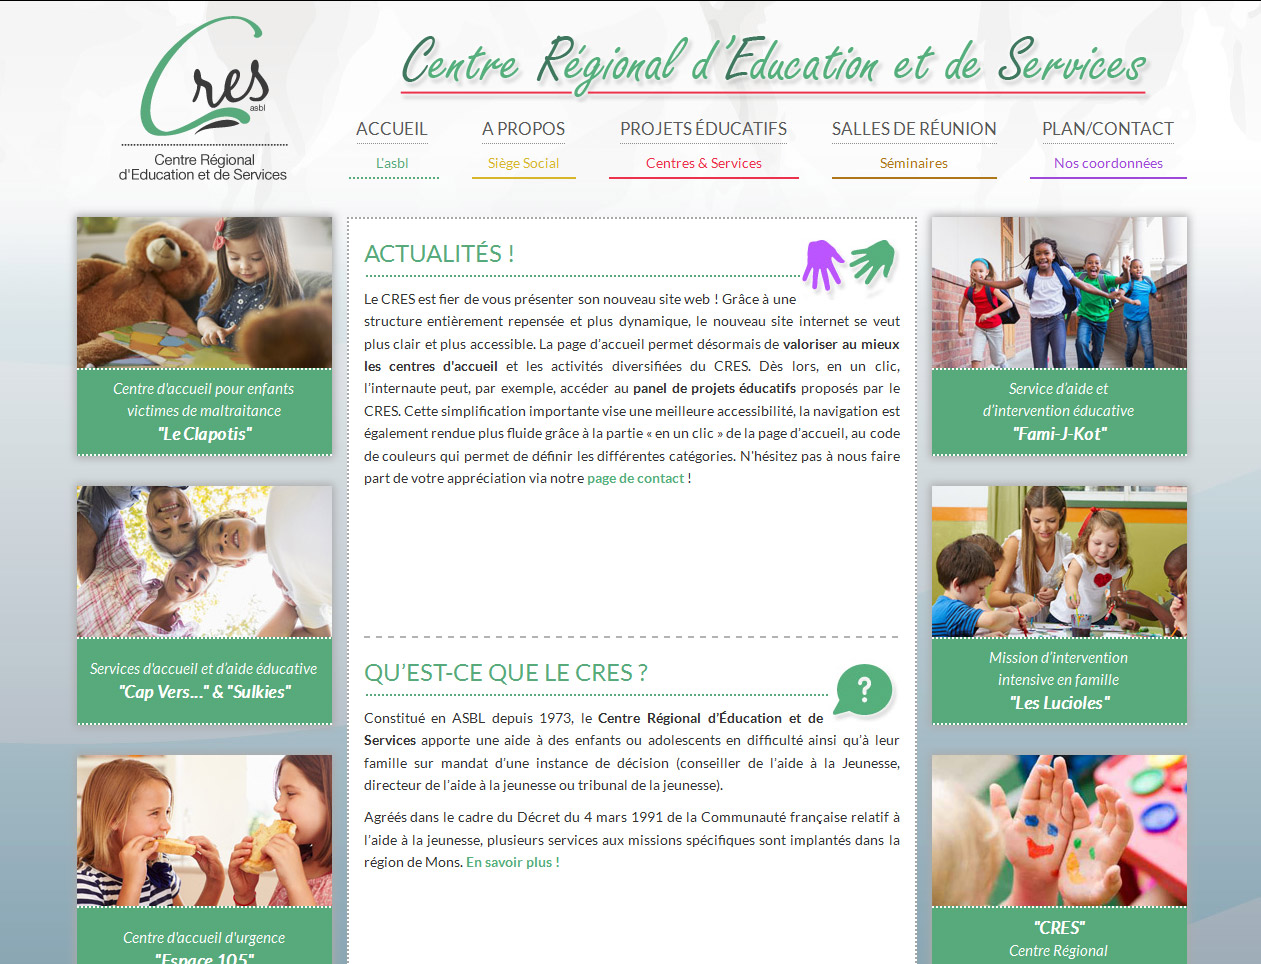 Centre Régional d'Éducation et de Services